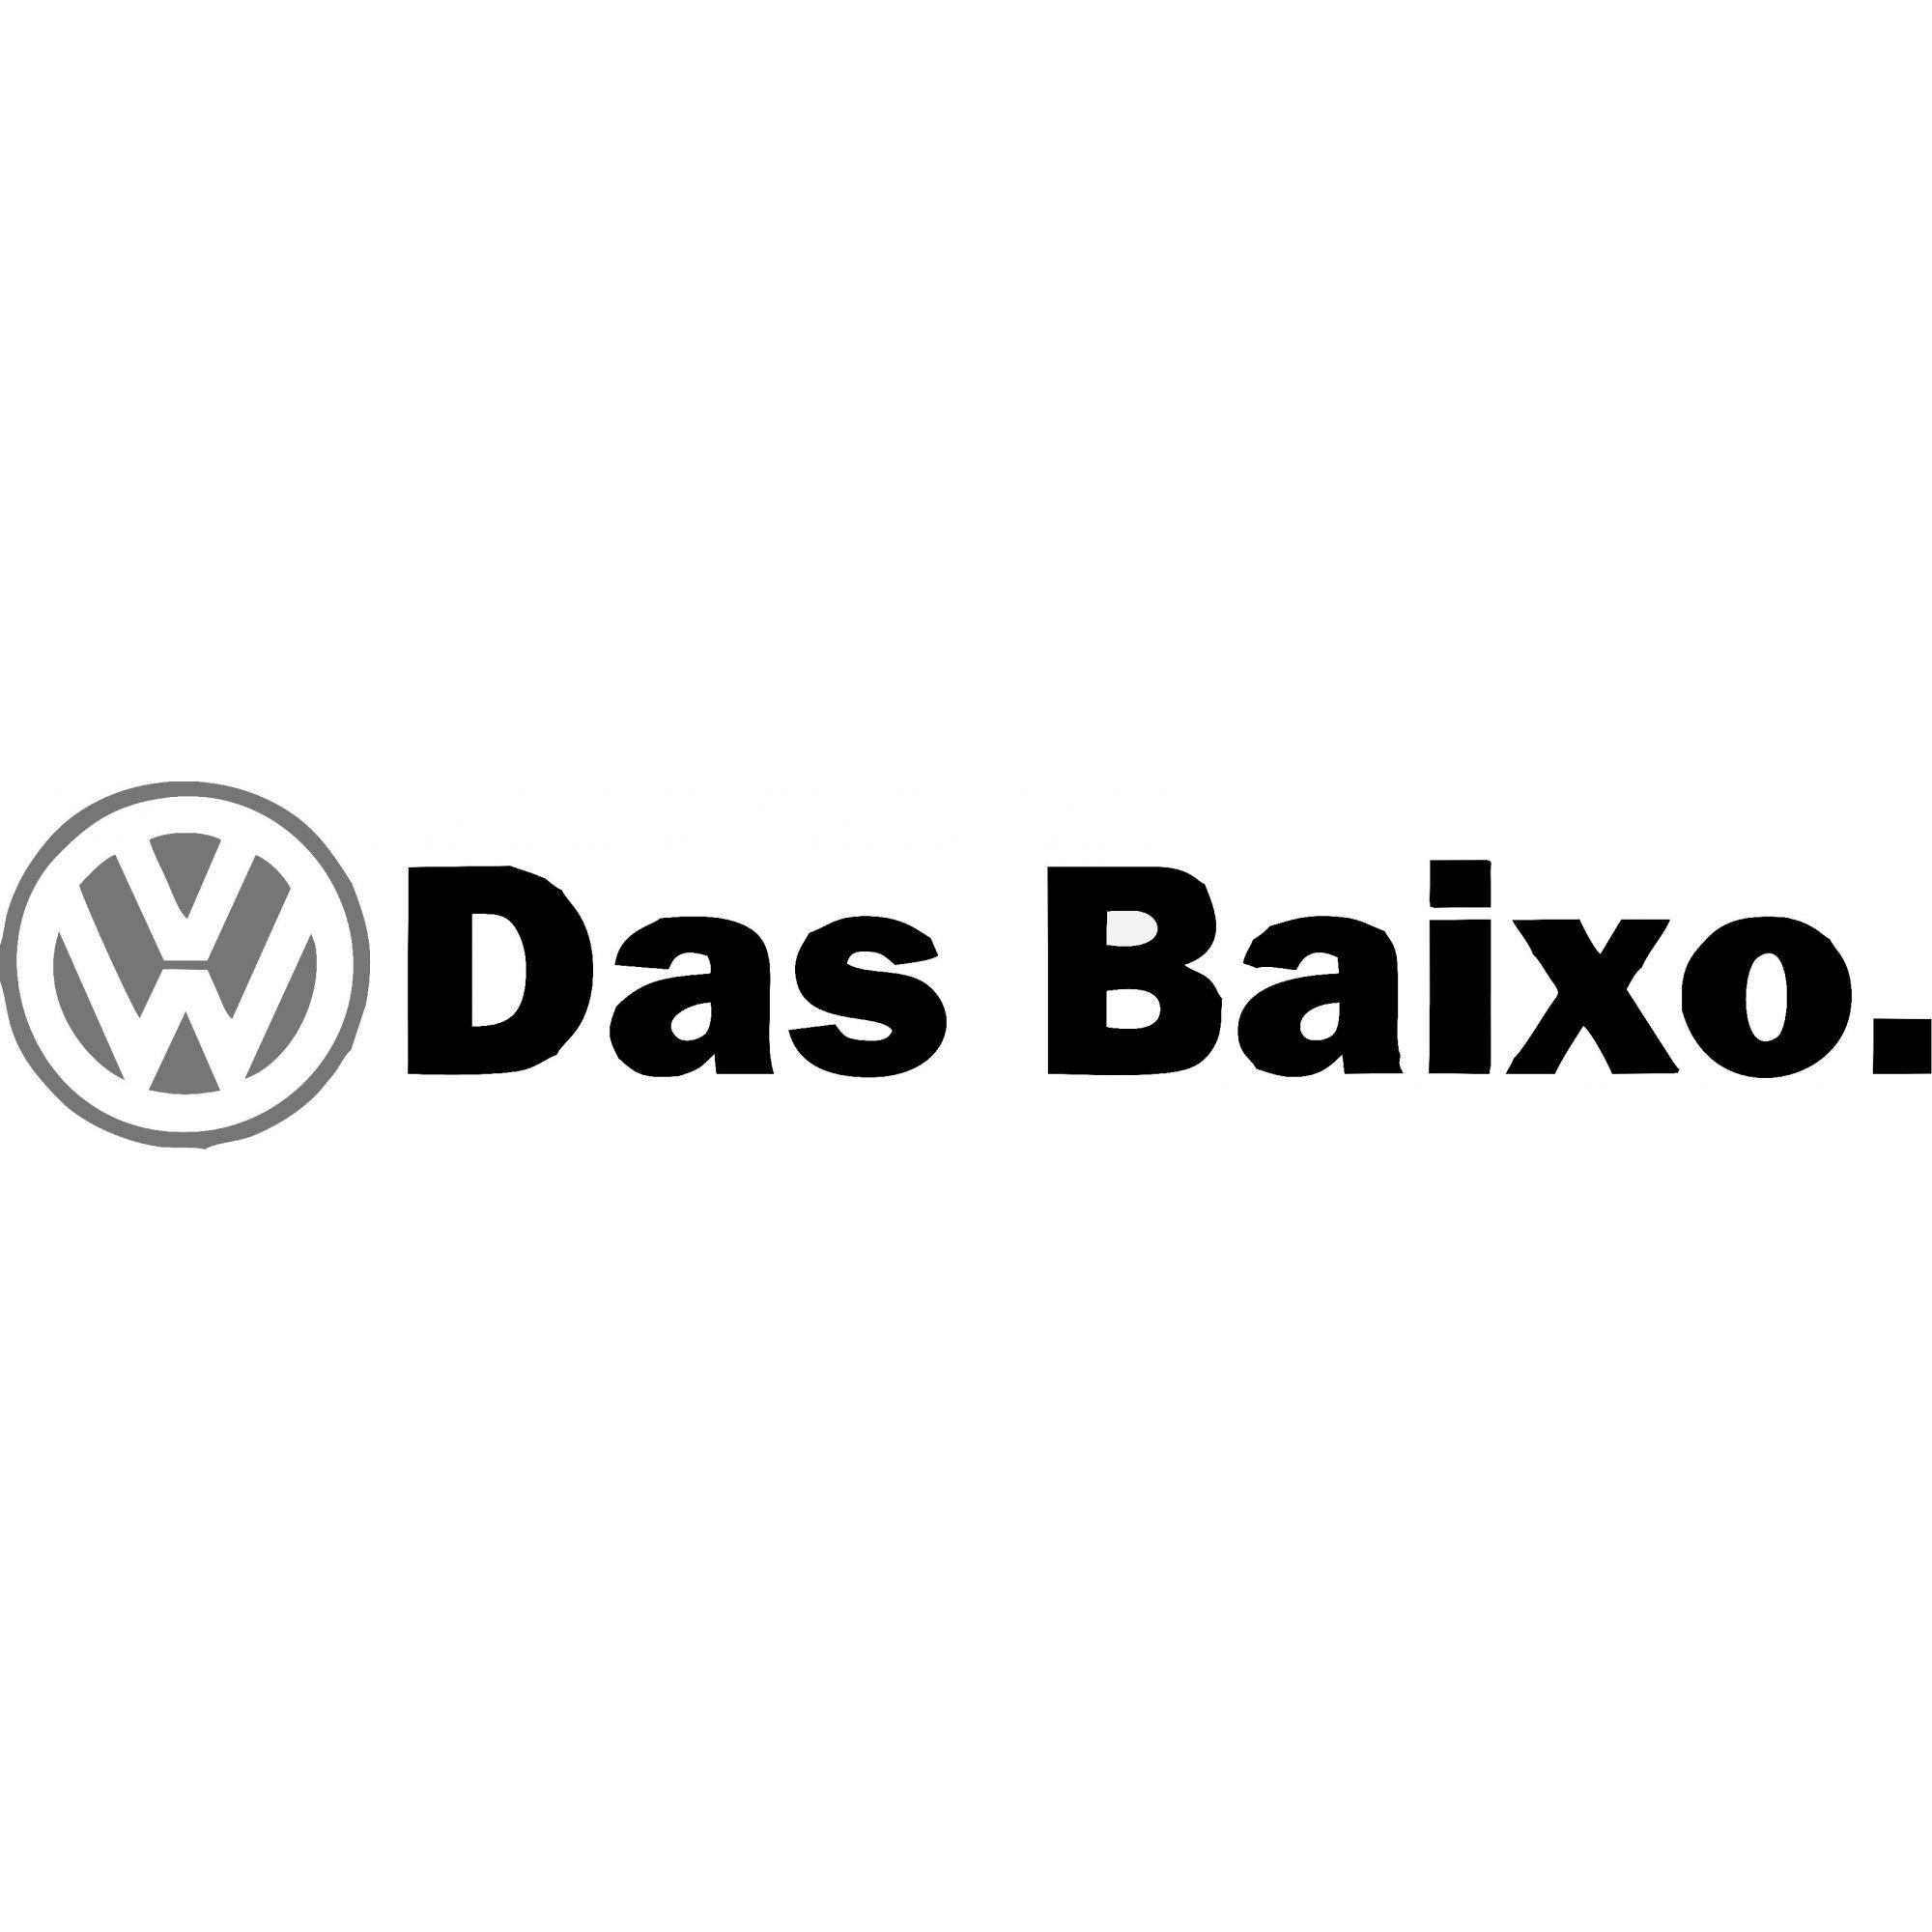 A7 Auto Adesivo Automotivo Das Baixo VW